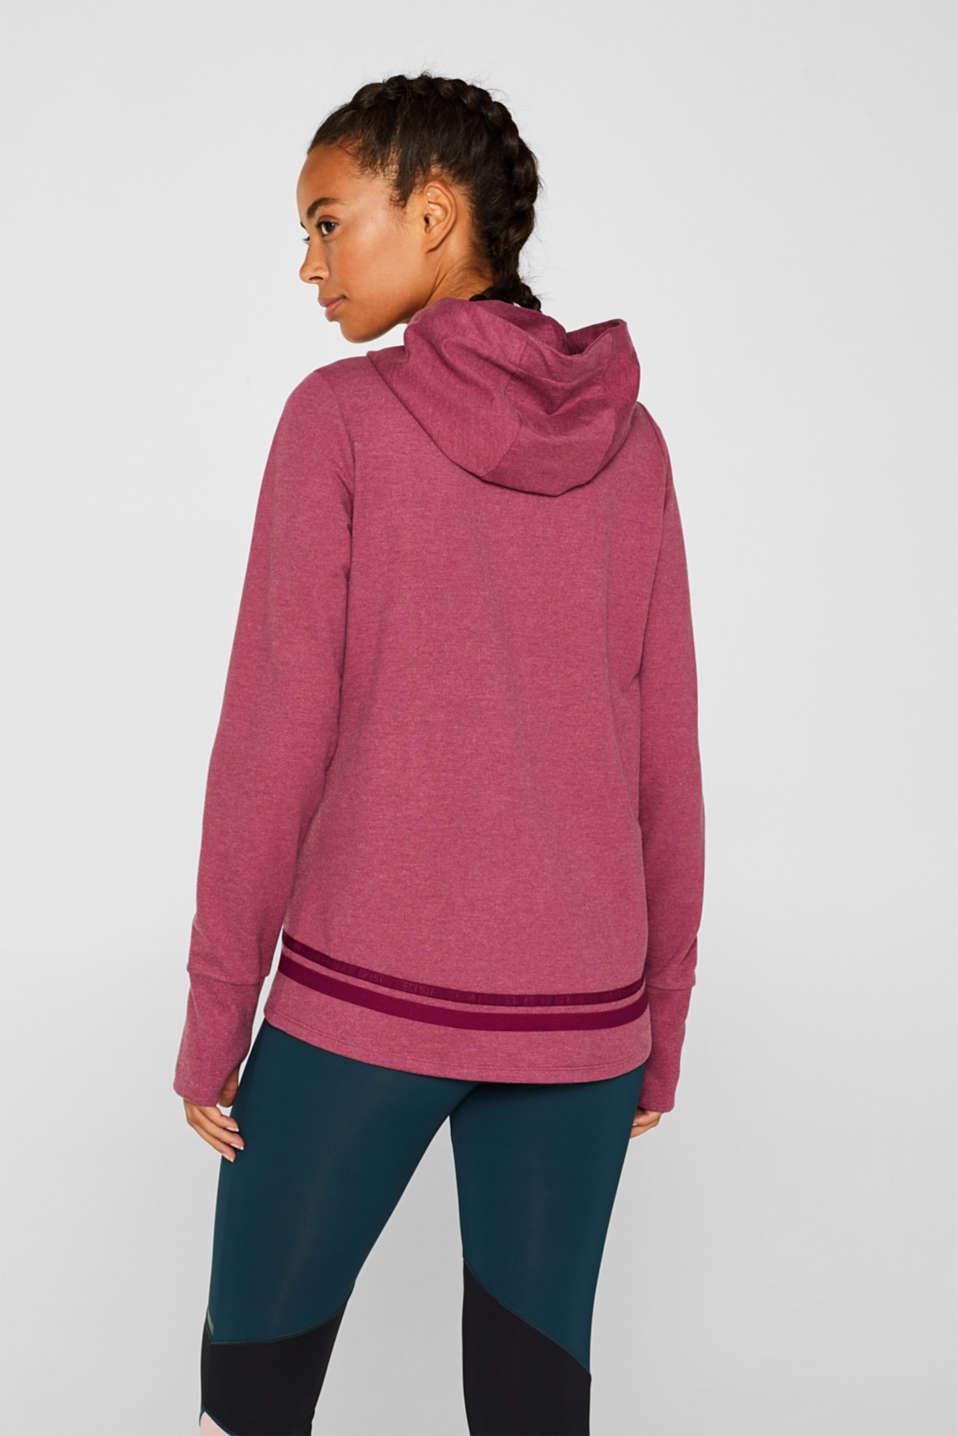 Hooded sweatshirt cardigan, PLUM RED 2, detail image number 3